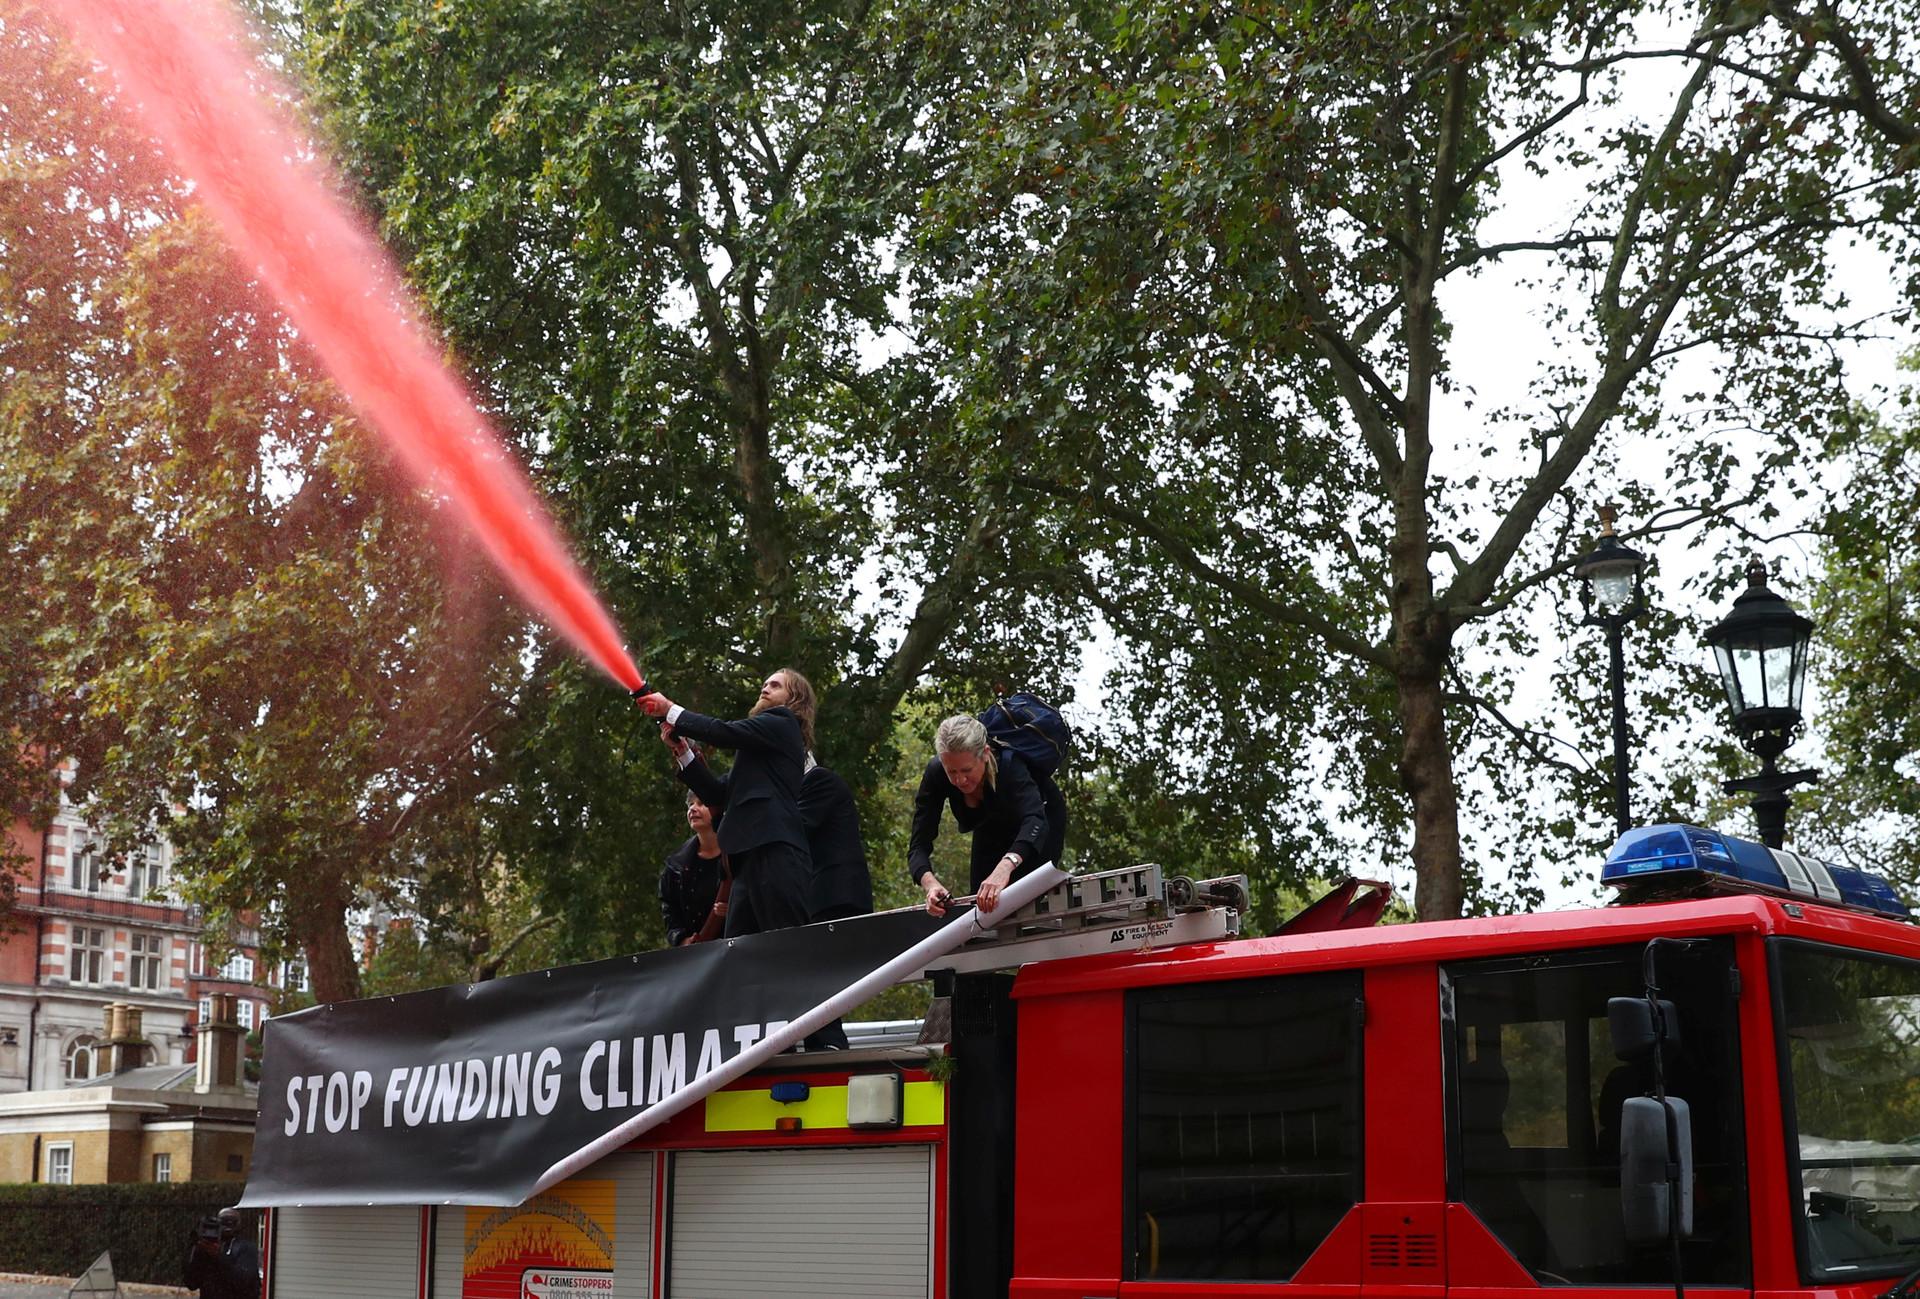 FOTOS: Activistas rocían 1.800 litros de 'sangre' frente a un ministerio en Reino Unido